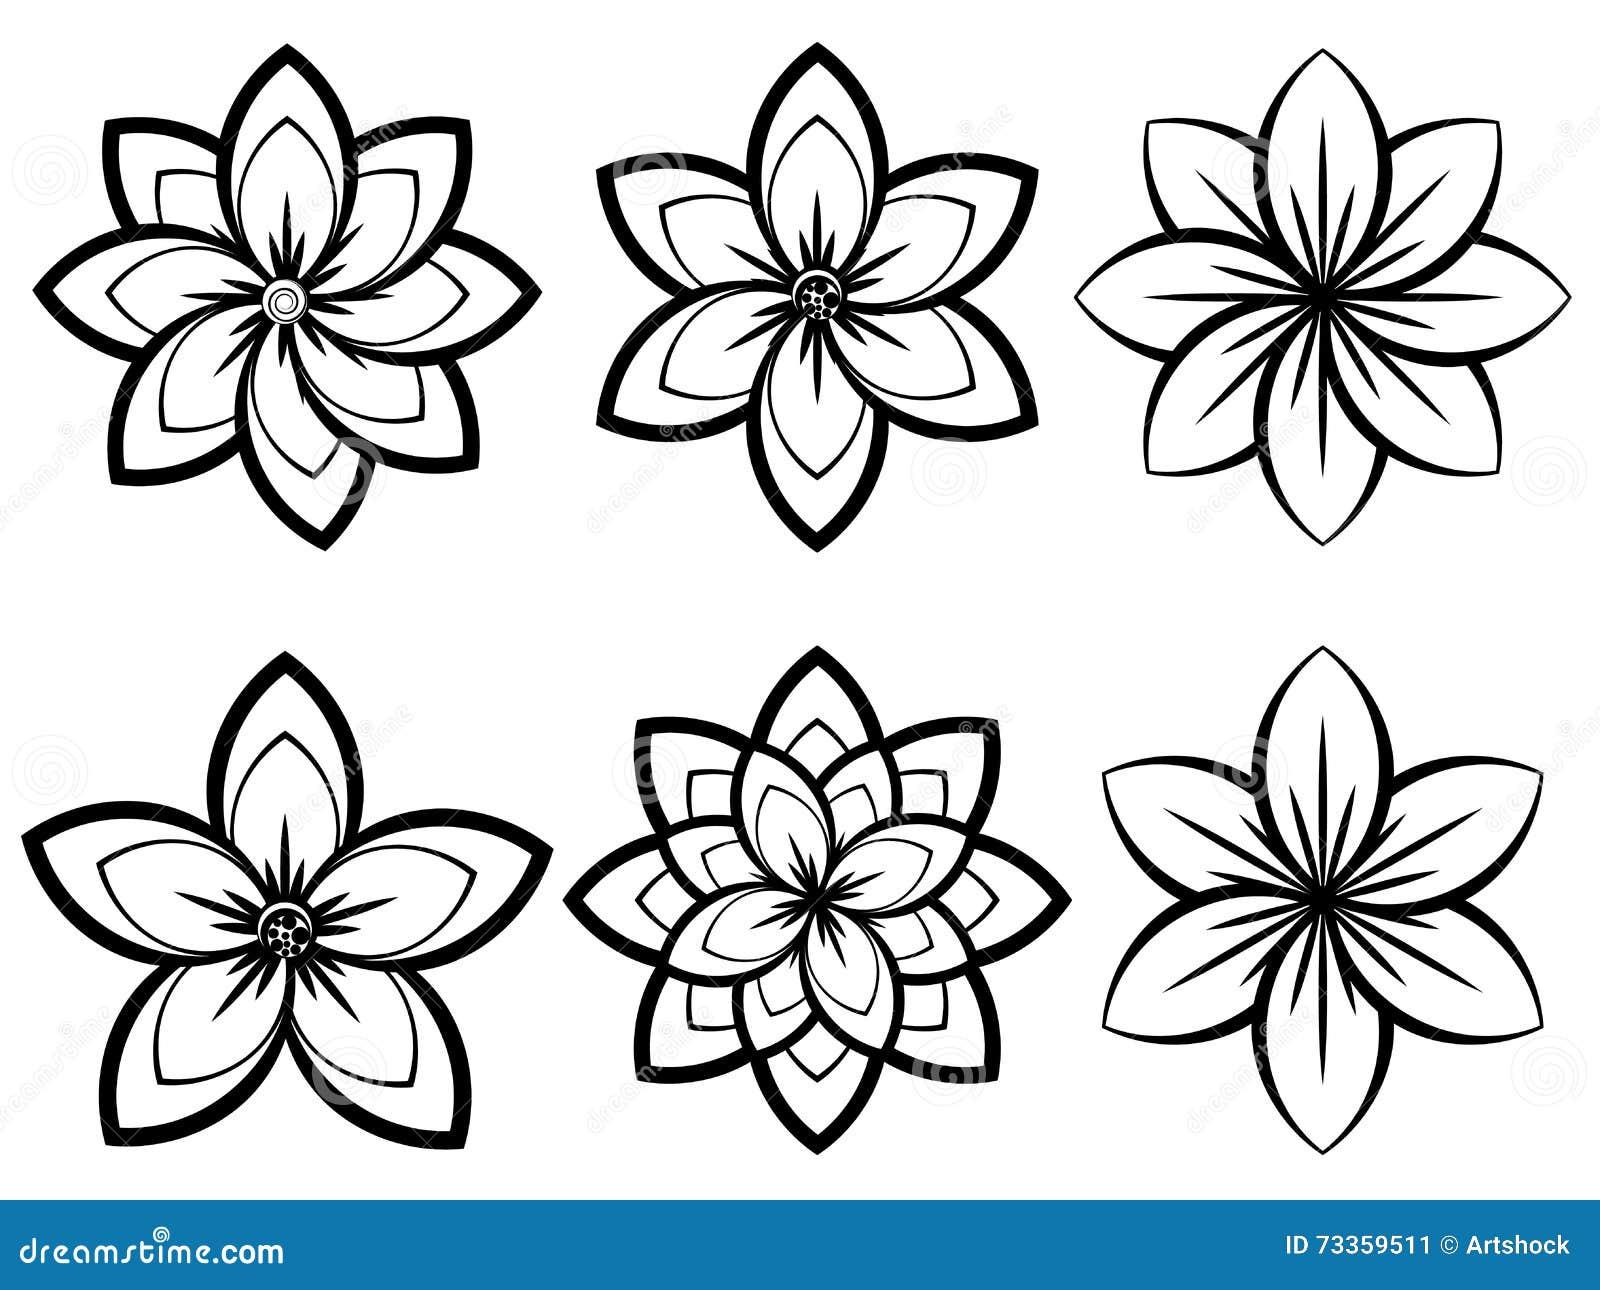 Fiori in bianco e nero semplici illustrazione vettoriale for Fiori da disegnare facili